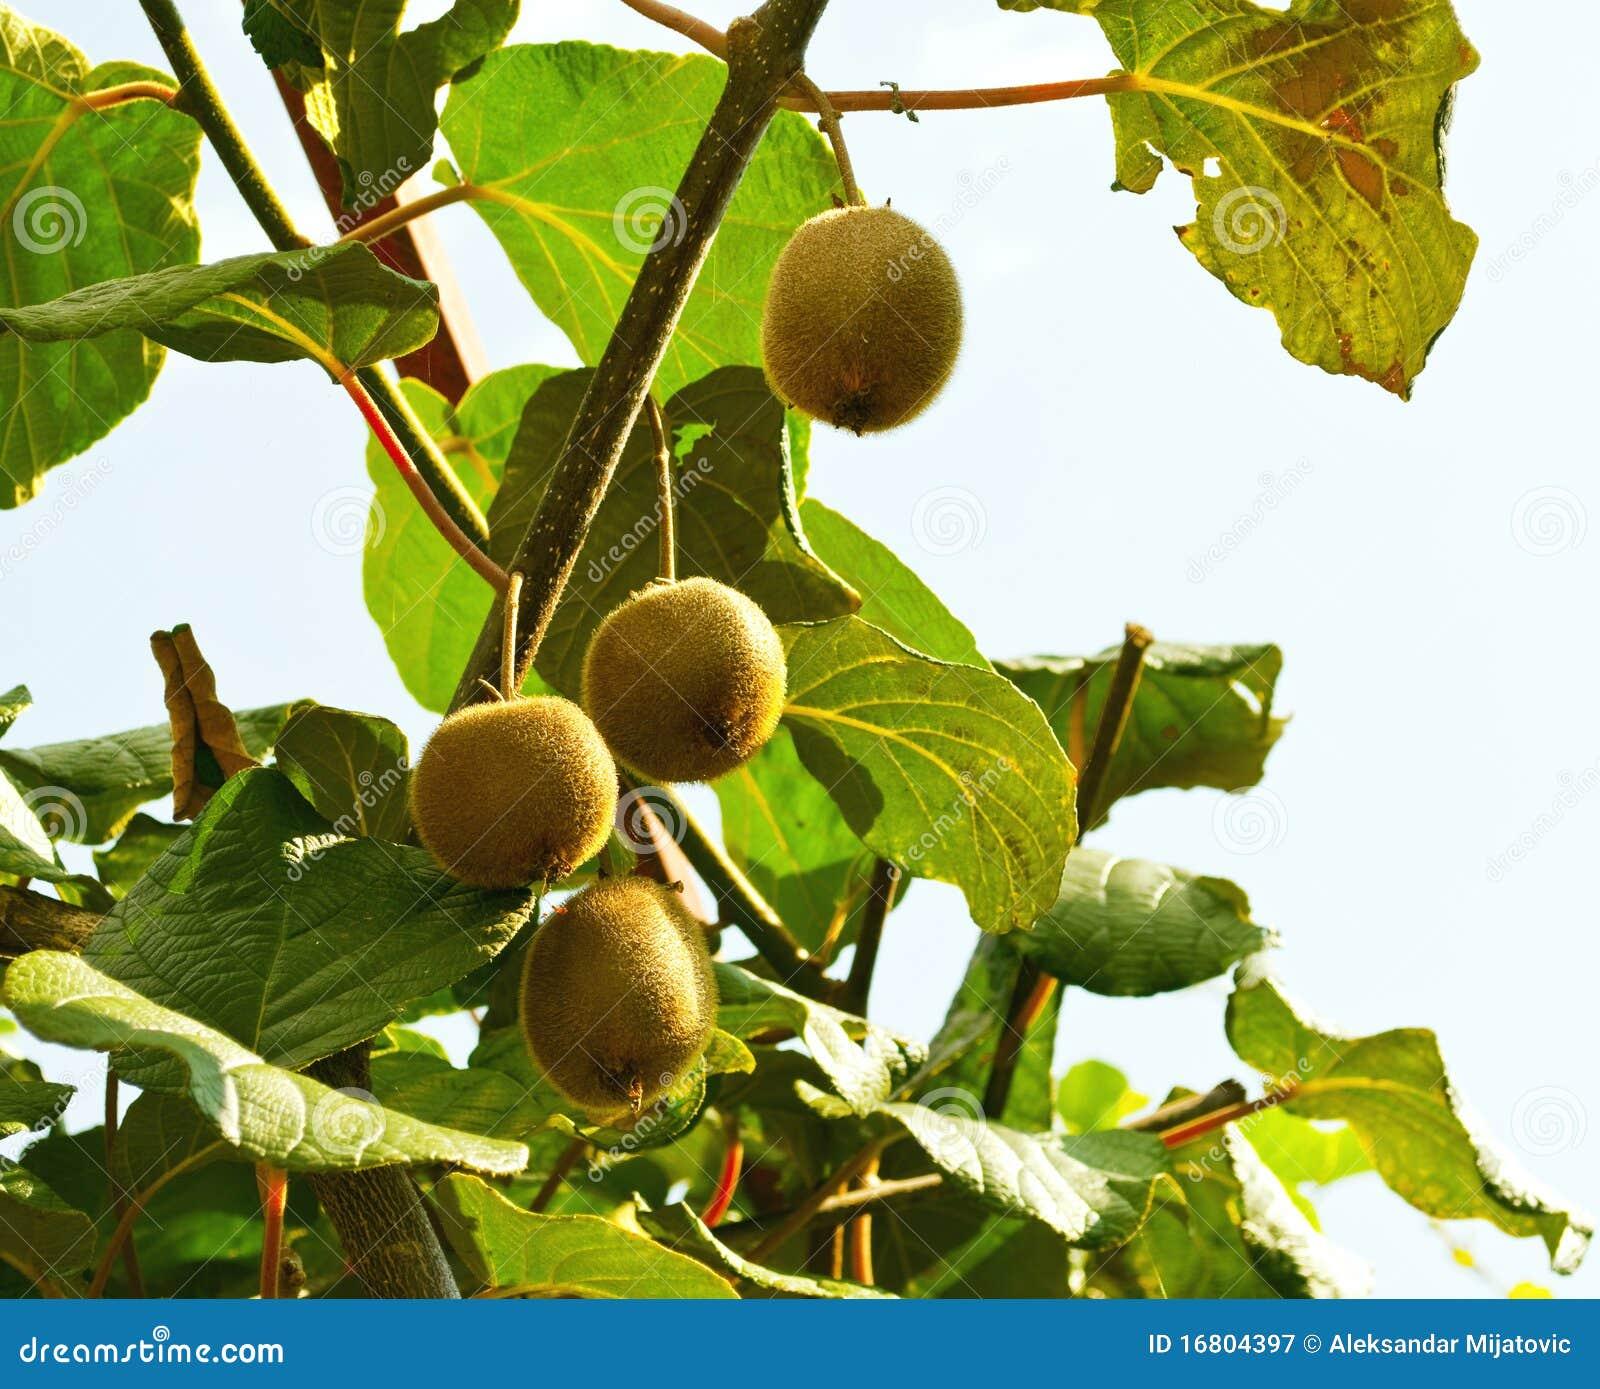 δέντρο ακτινίδιων καρπού